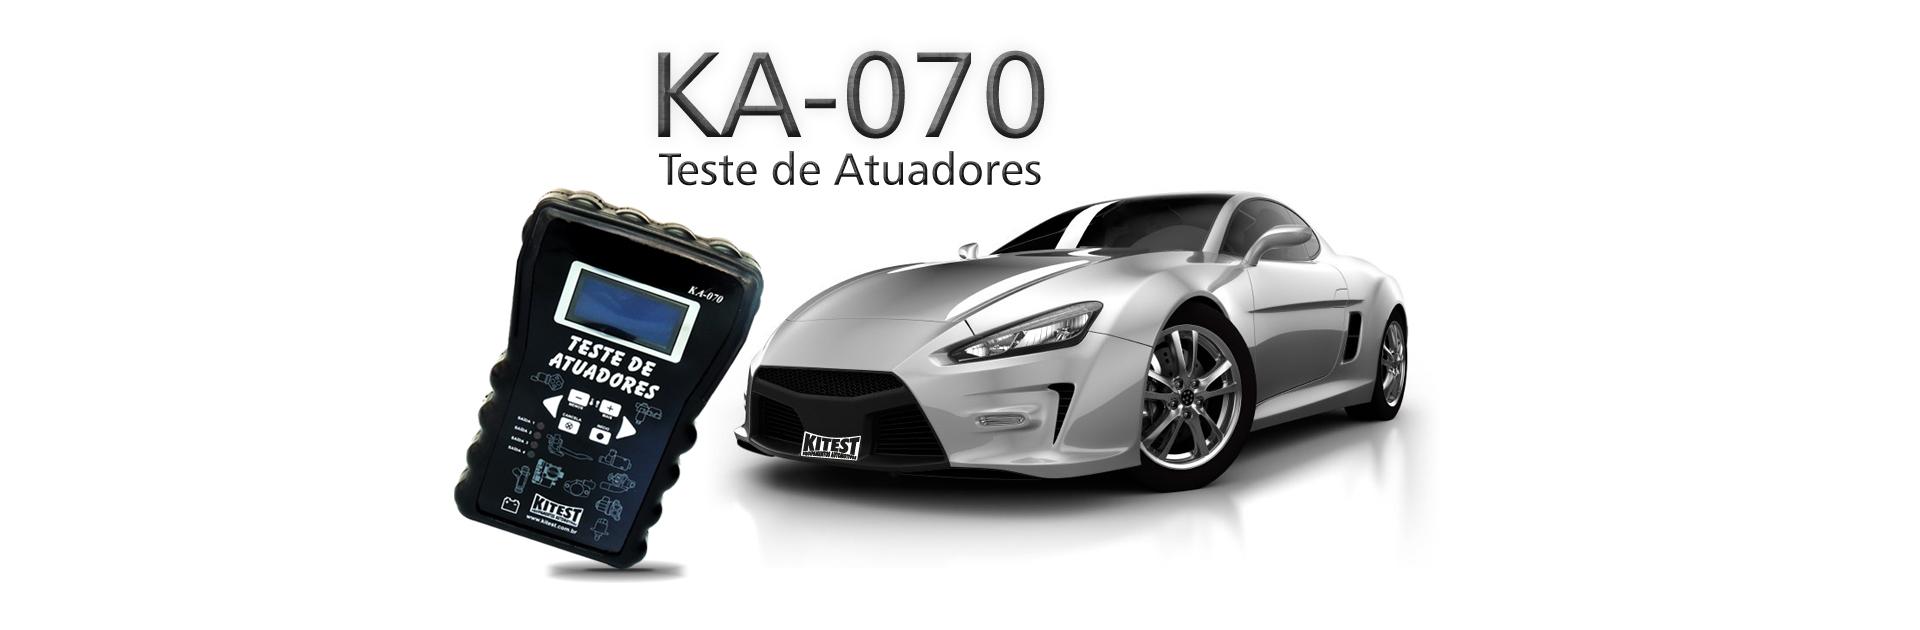 Kitest KA-070